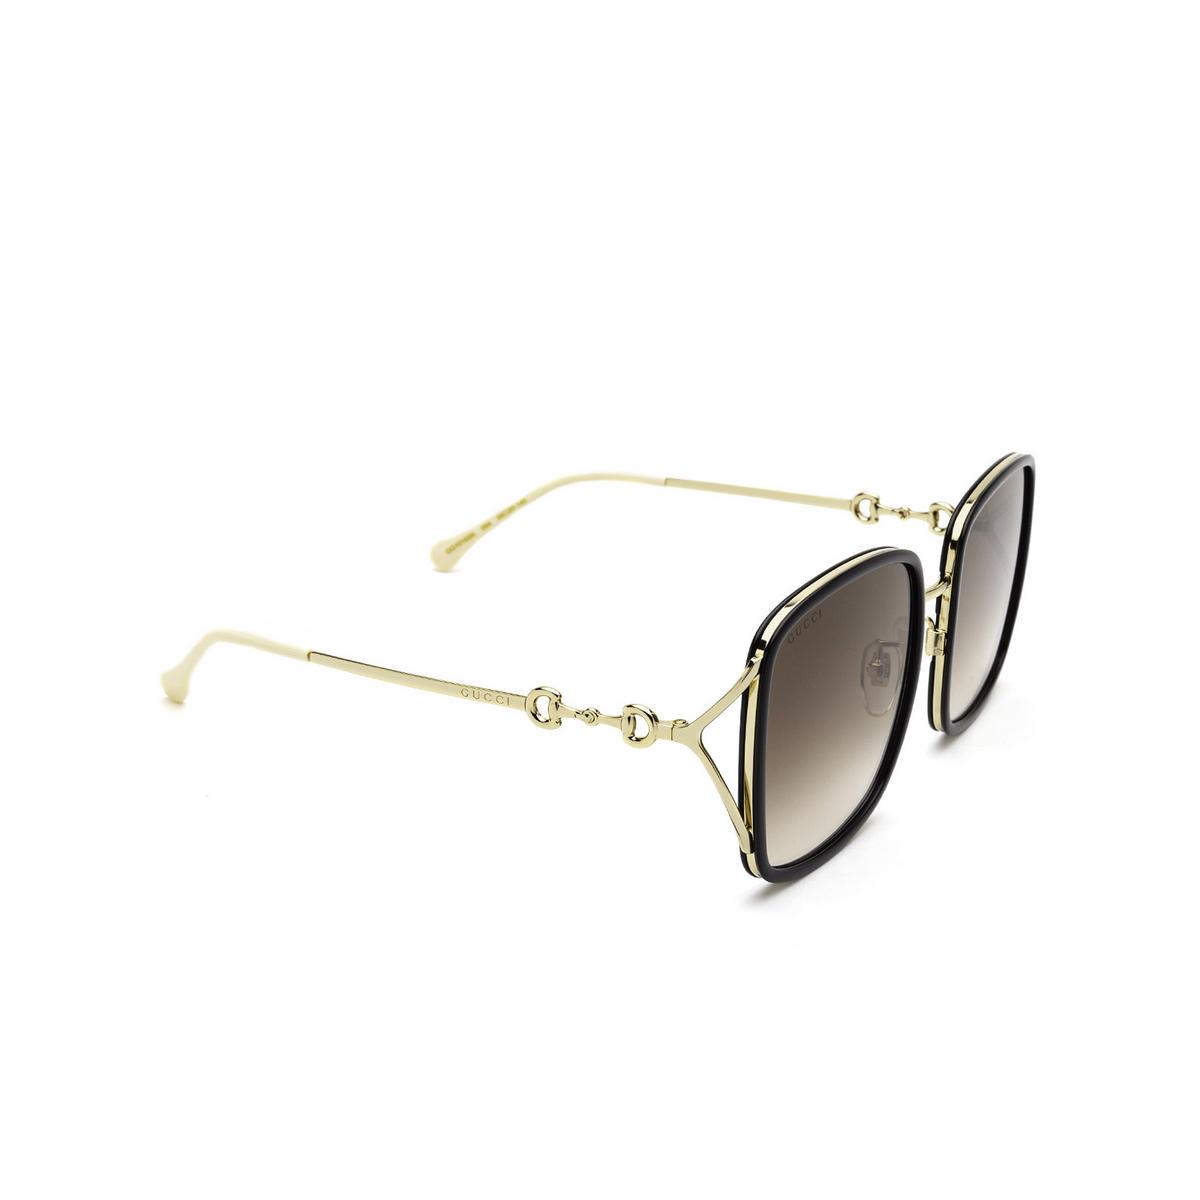 Gucci® Square Sunglasses: GG1016SK color Black 004 - three-quarters view.